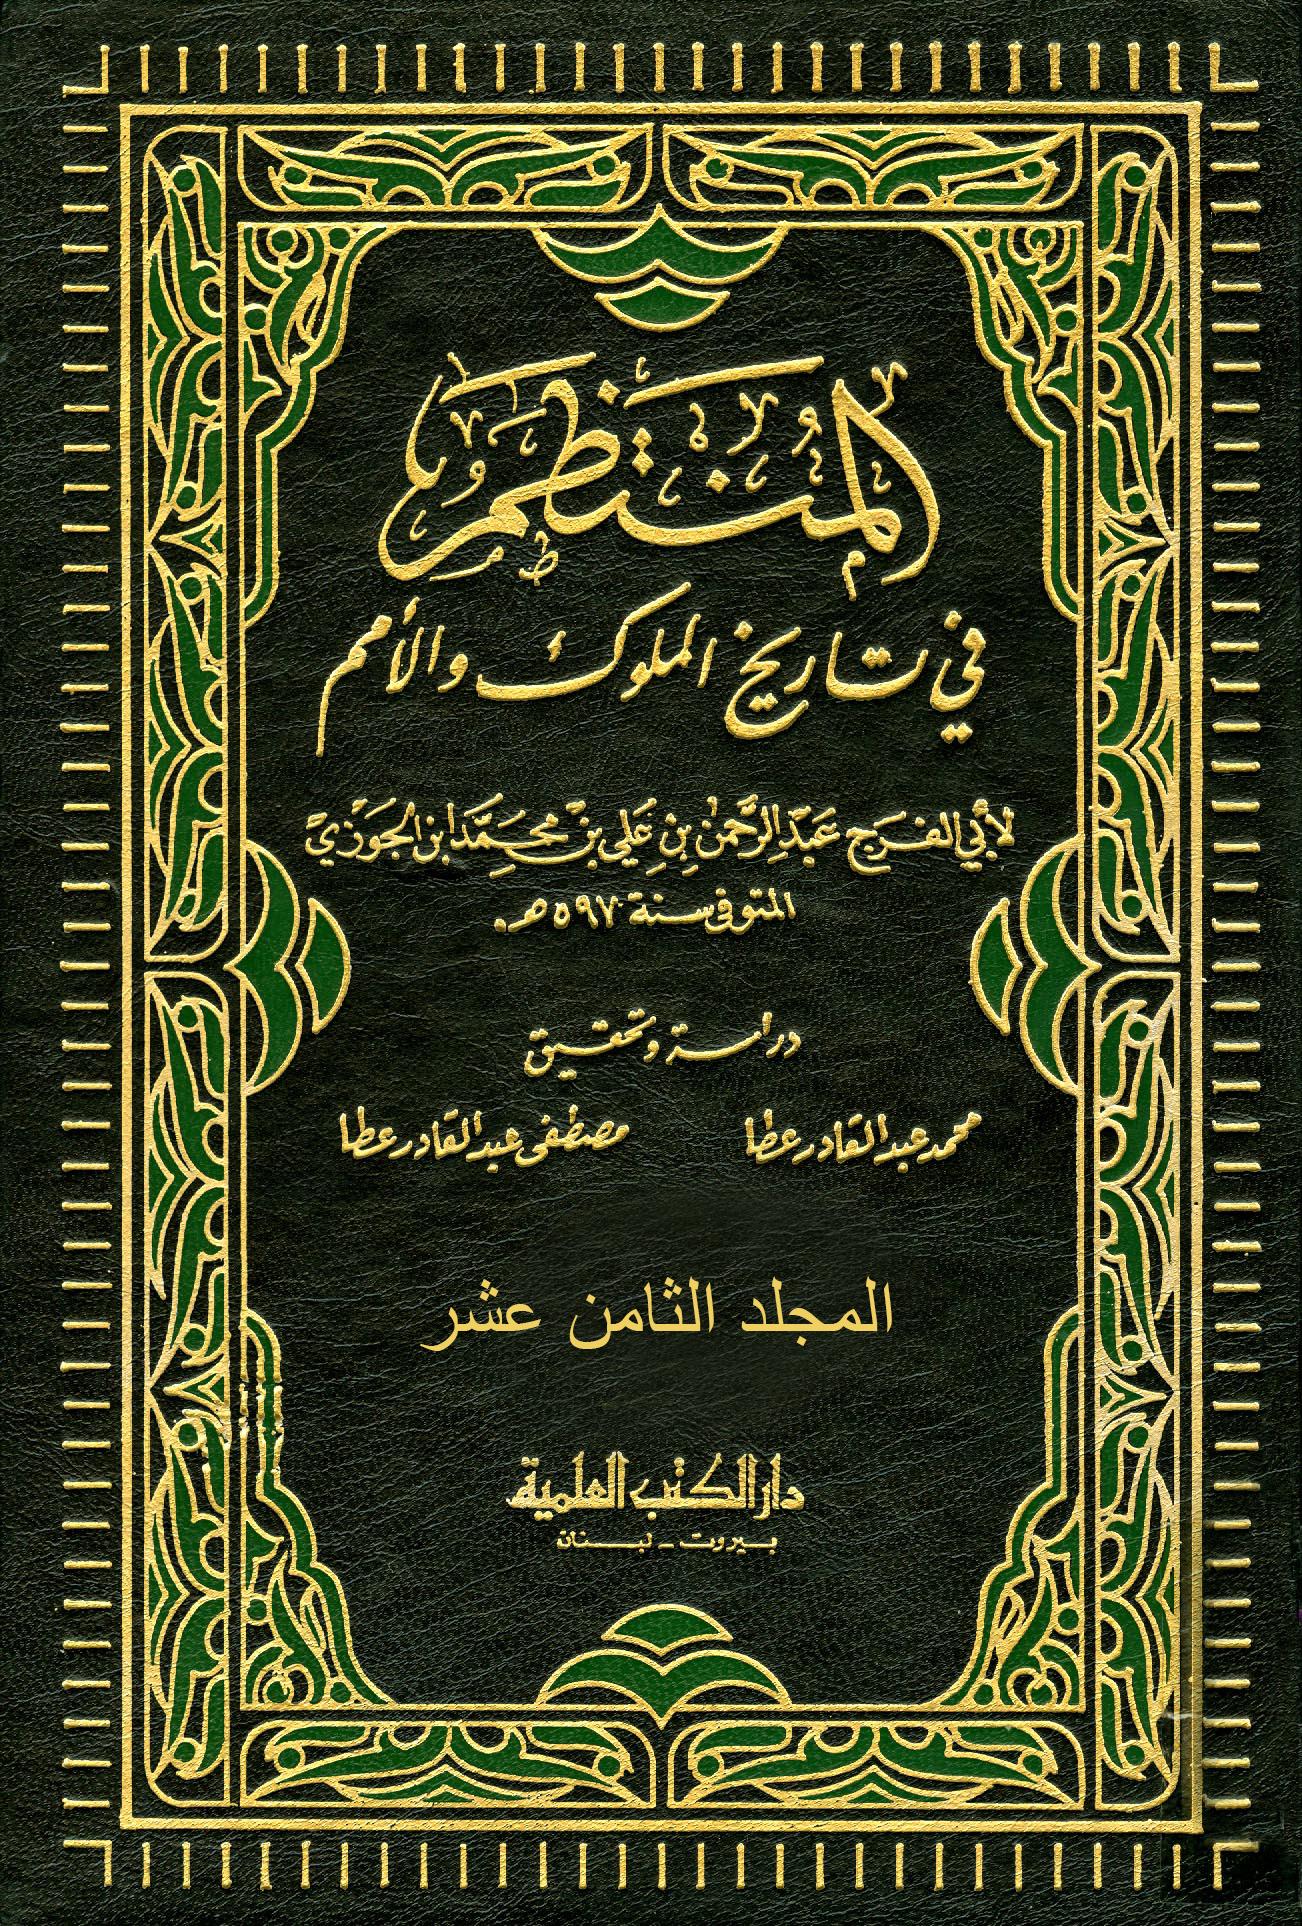 المنتظم في تاريخ الملوك والأمم - م 18 (534 هـ - 574 هـ)